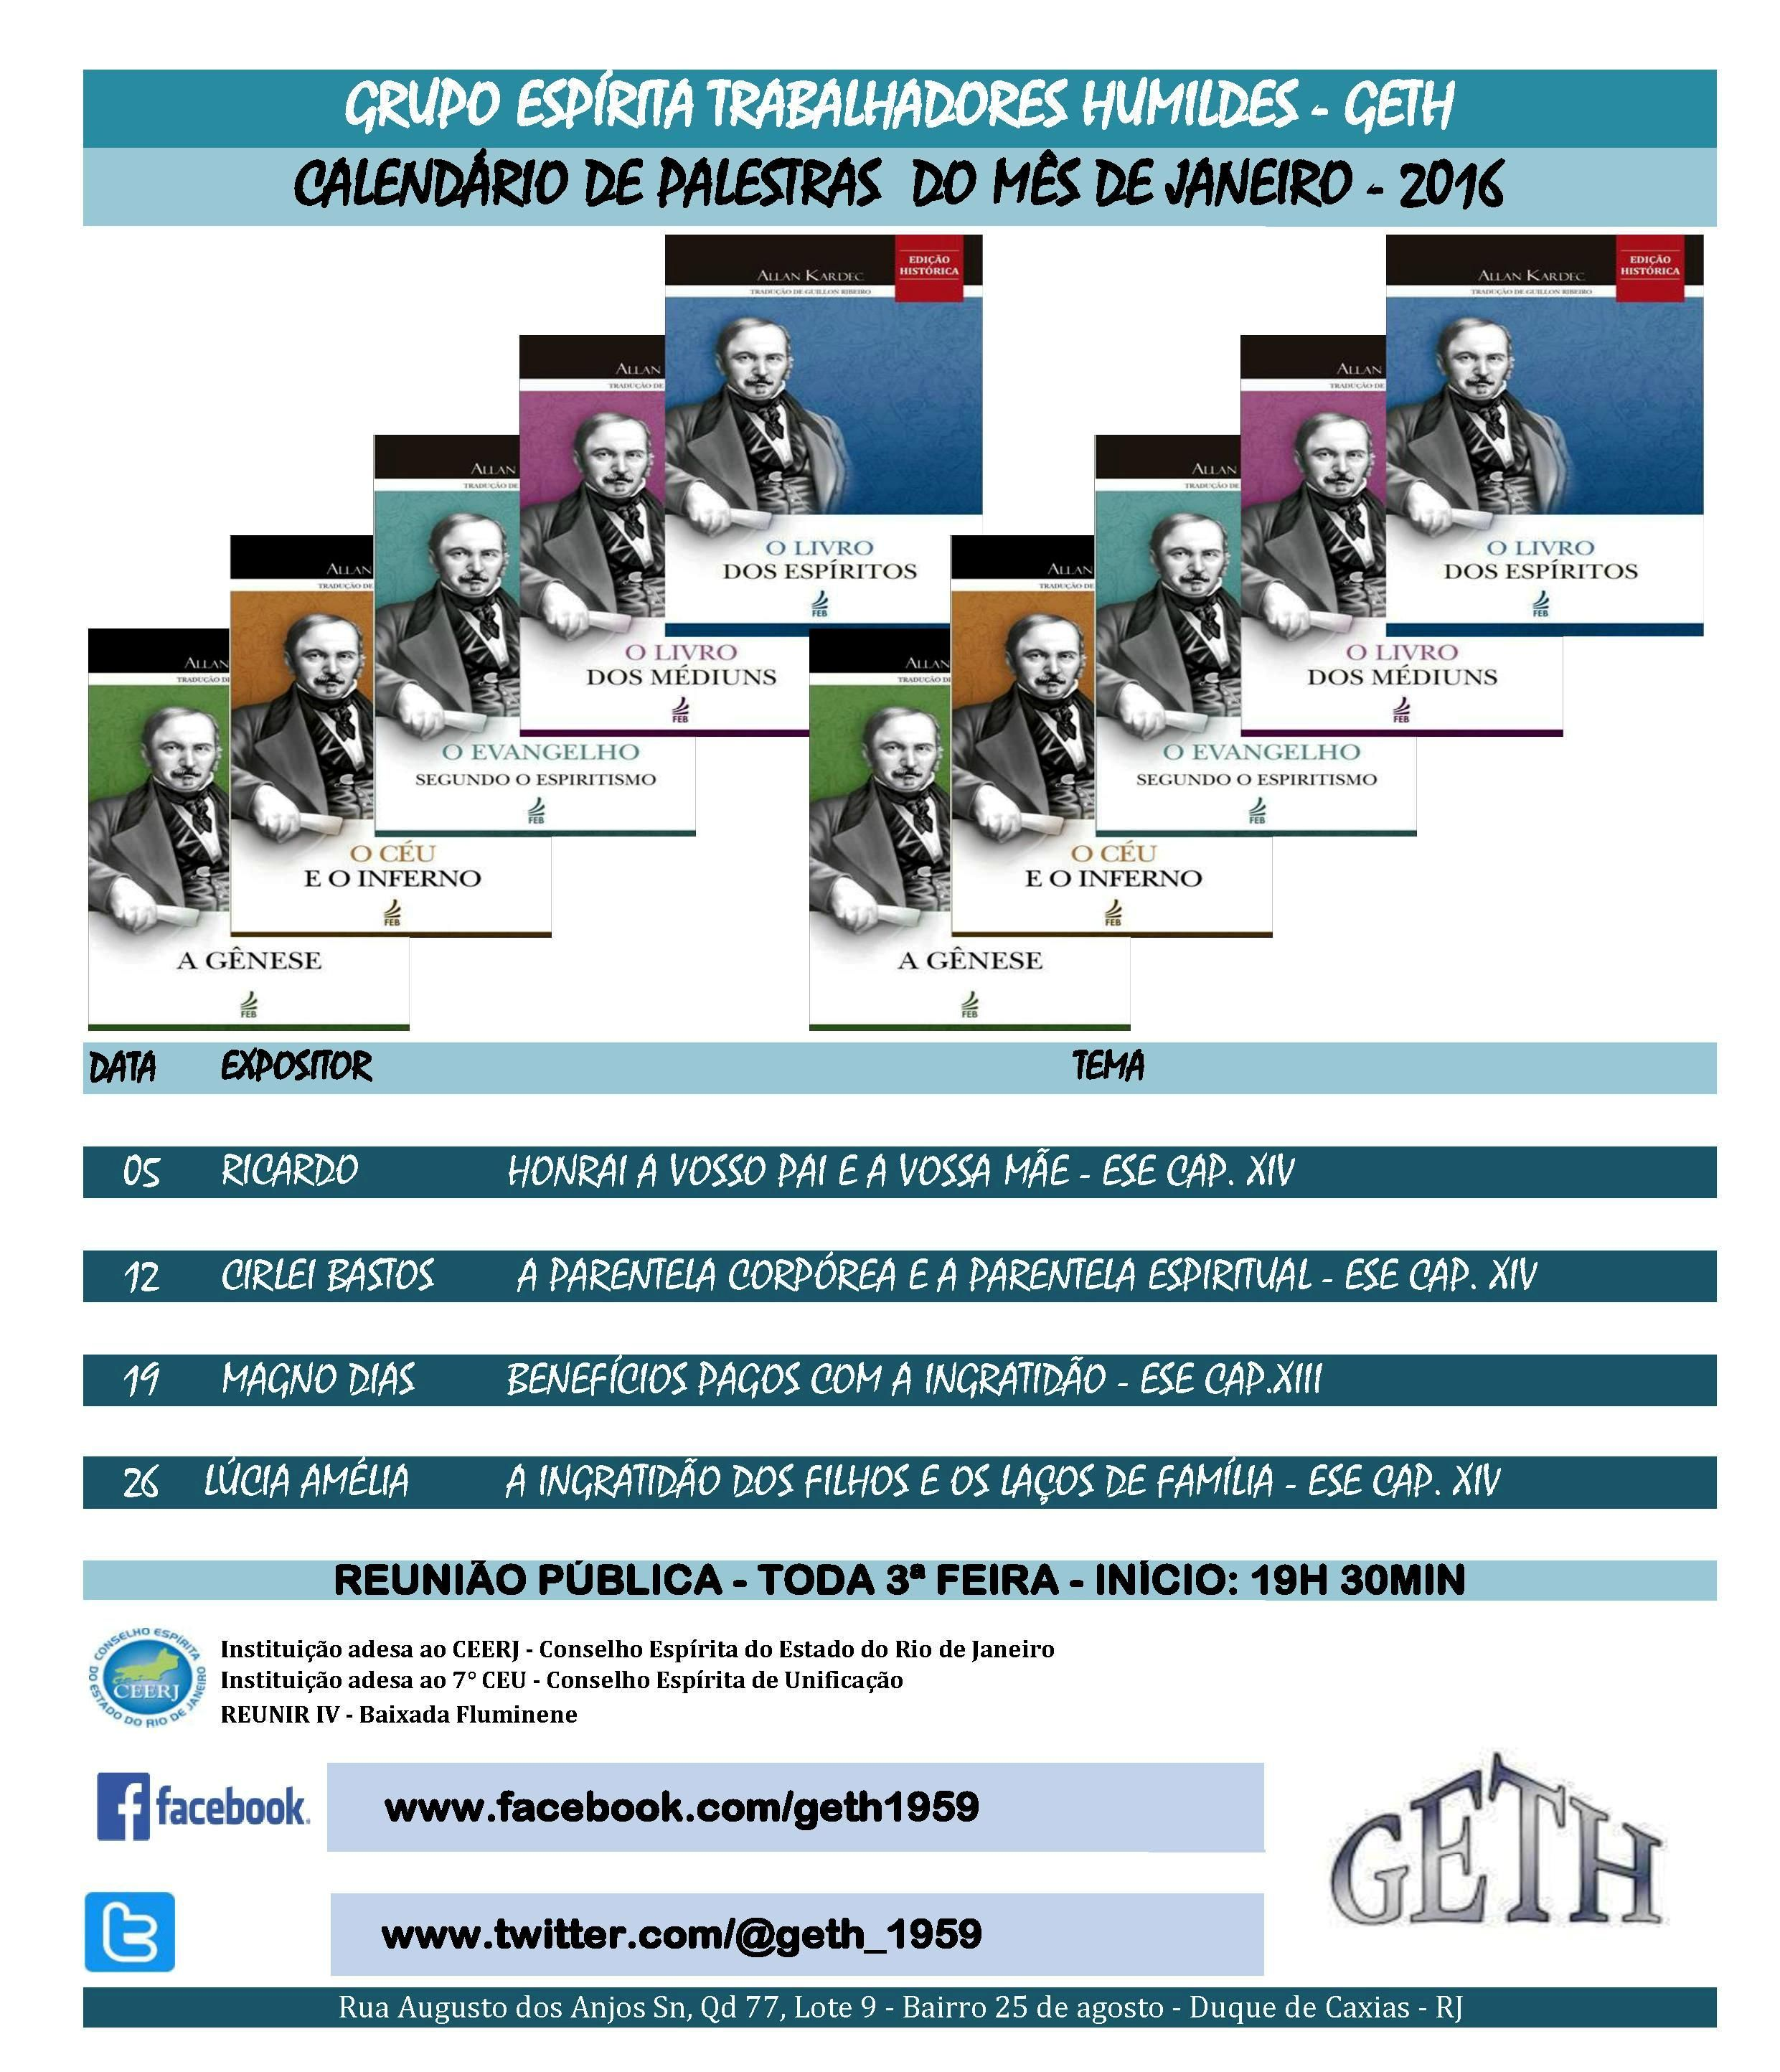 Calendário de Palestras do Mês de Janeiro/2016 do GETH – Duque de Caxias – RJ - http://www.agendaespiritabrasil.com.br/2016/01/05/18205/